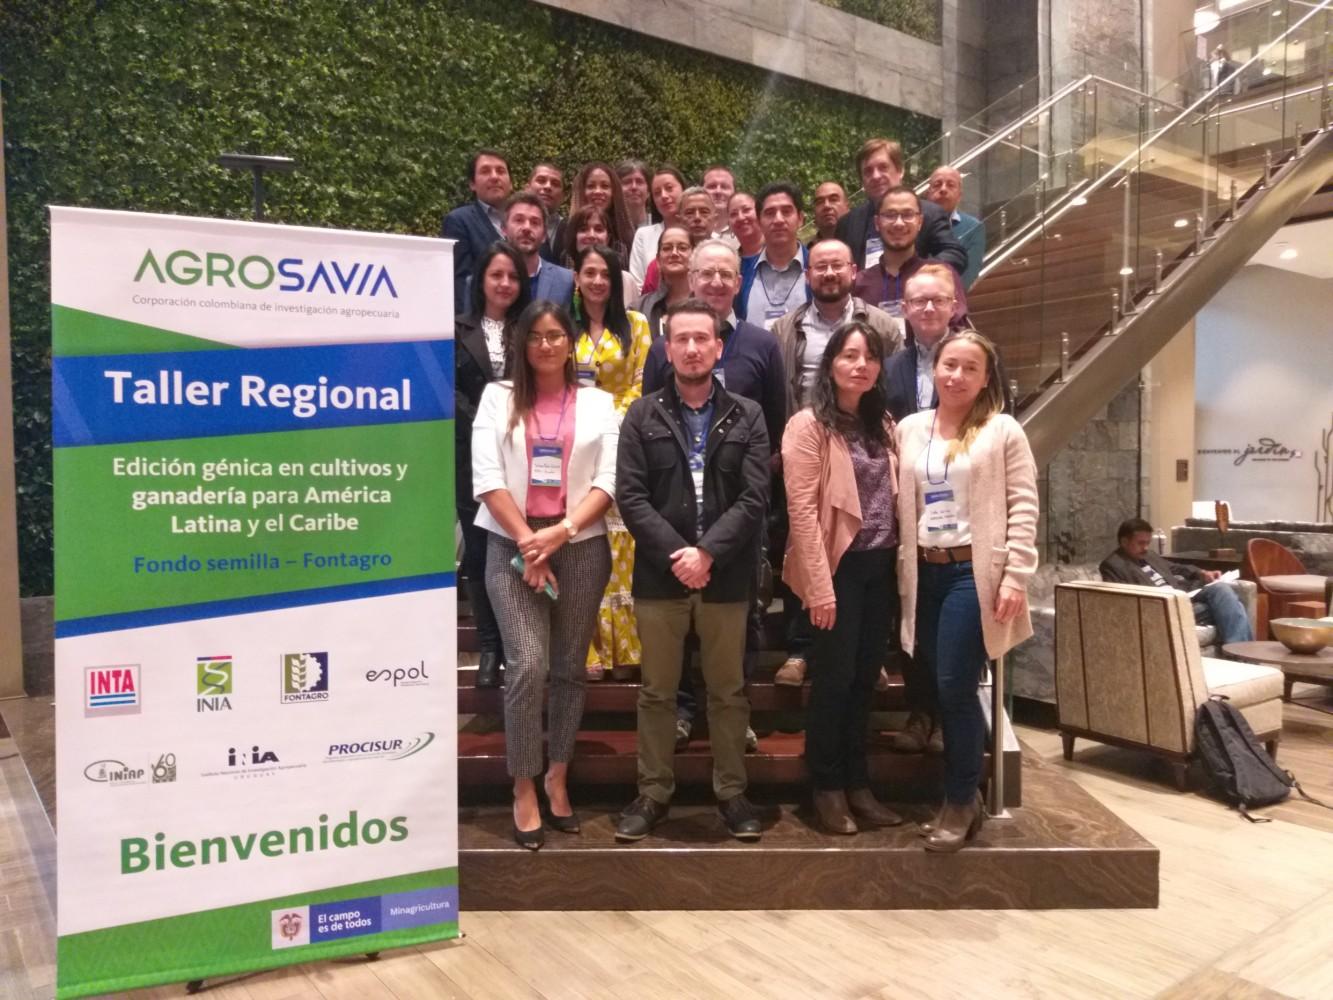 Inician las discusiones para la creación la plataforma regional de edición génica de la región Andina y el Cono Sur